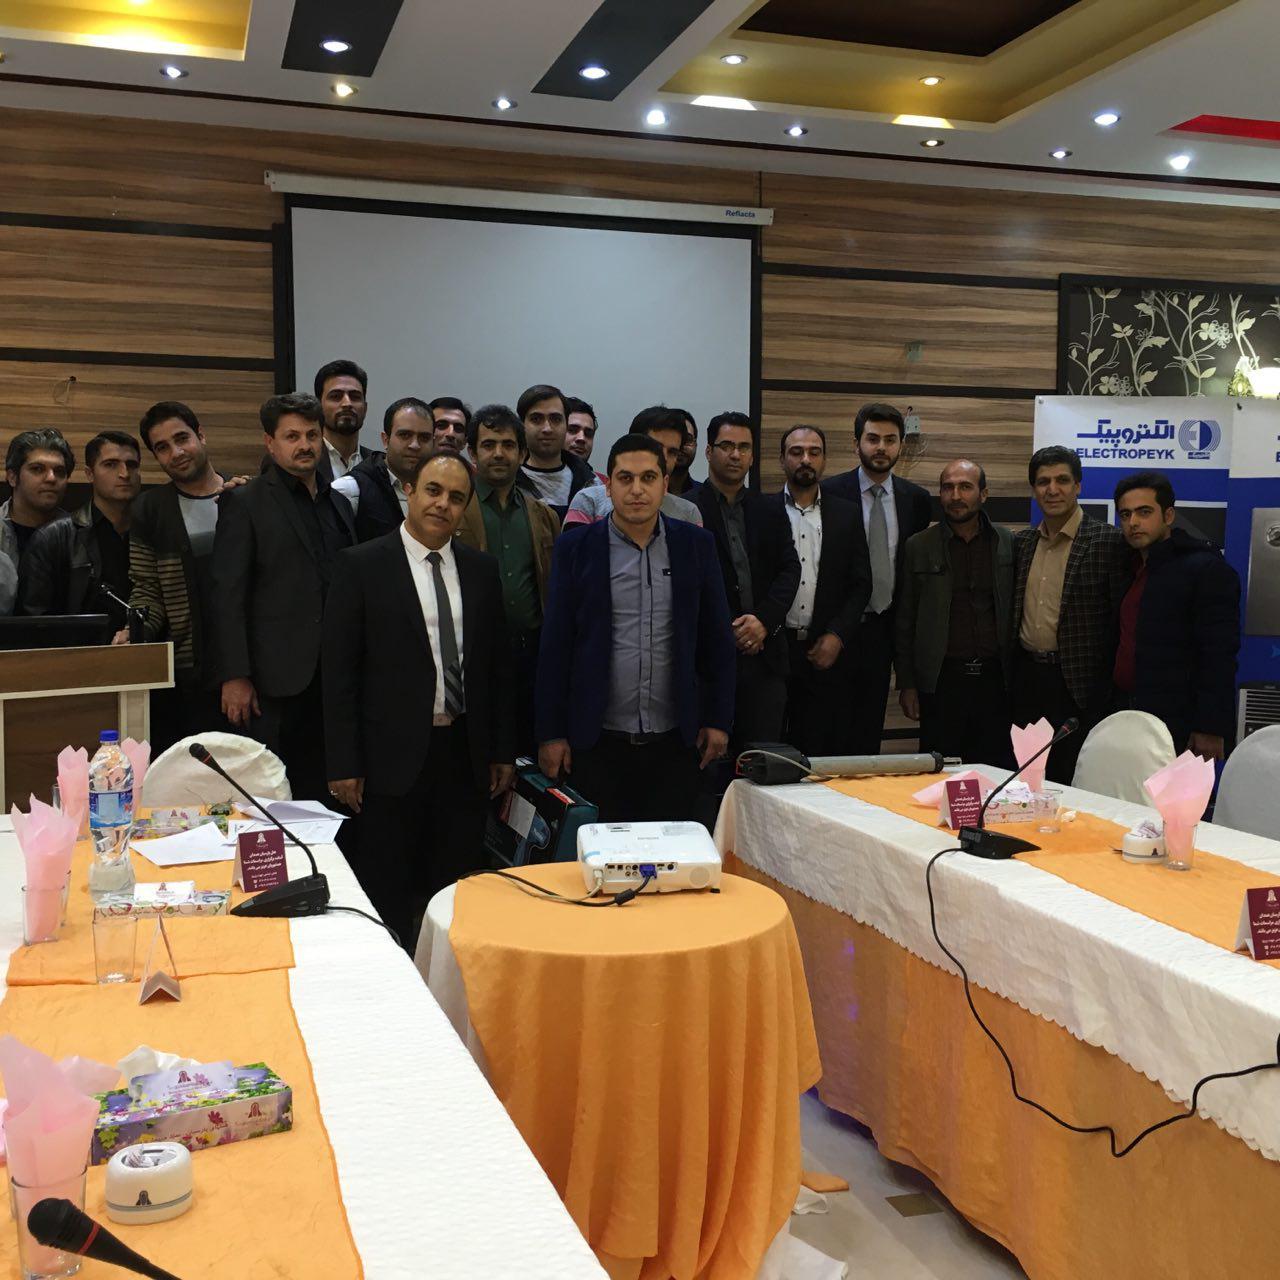 سمینار  آموزشی شرکت الکتروپیک و یوتاب در همدان